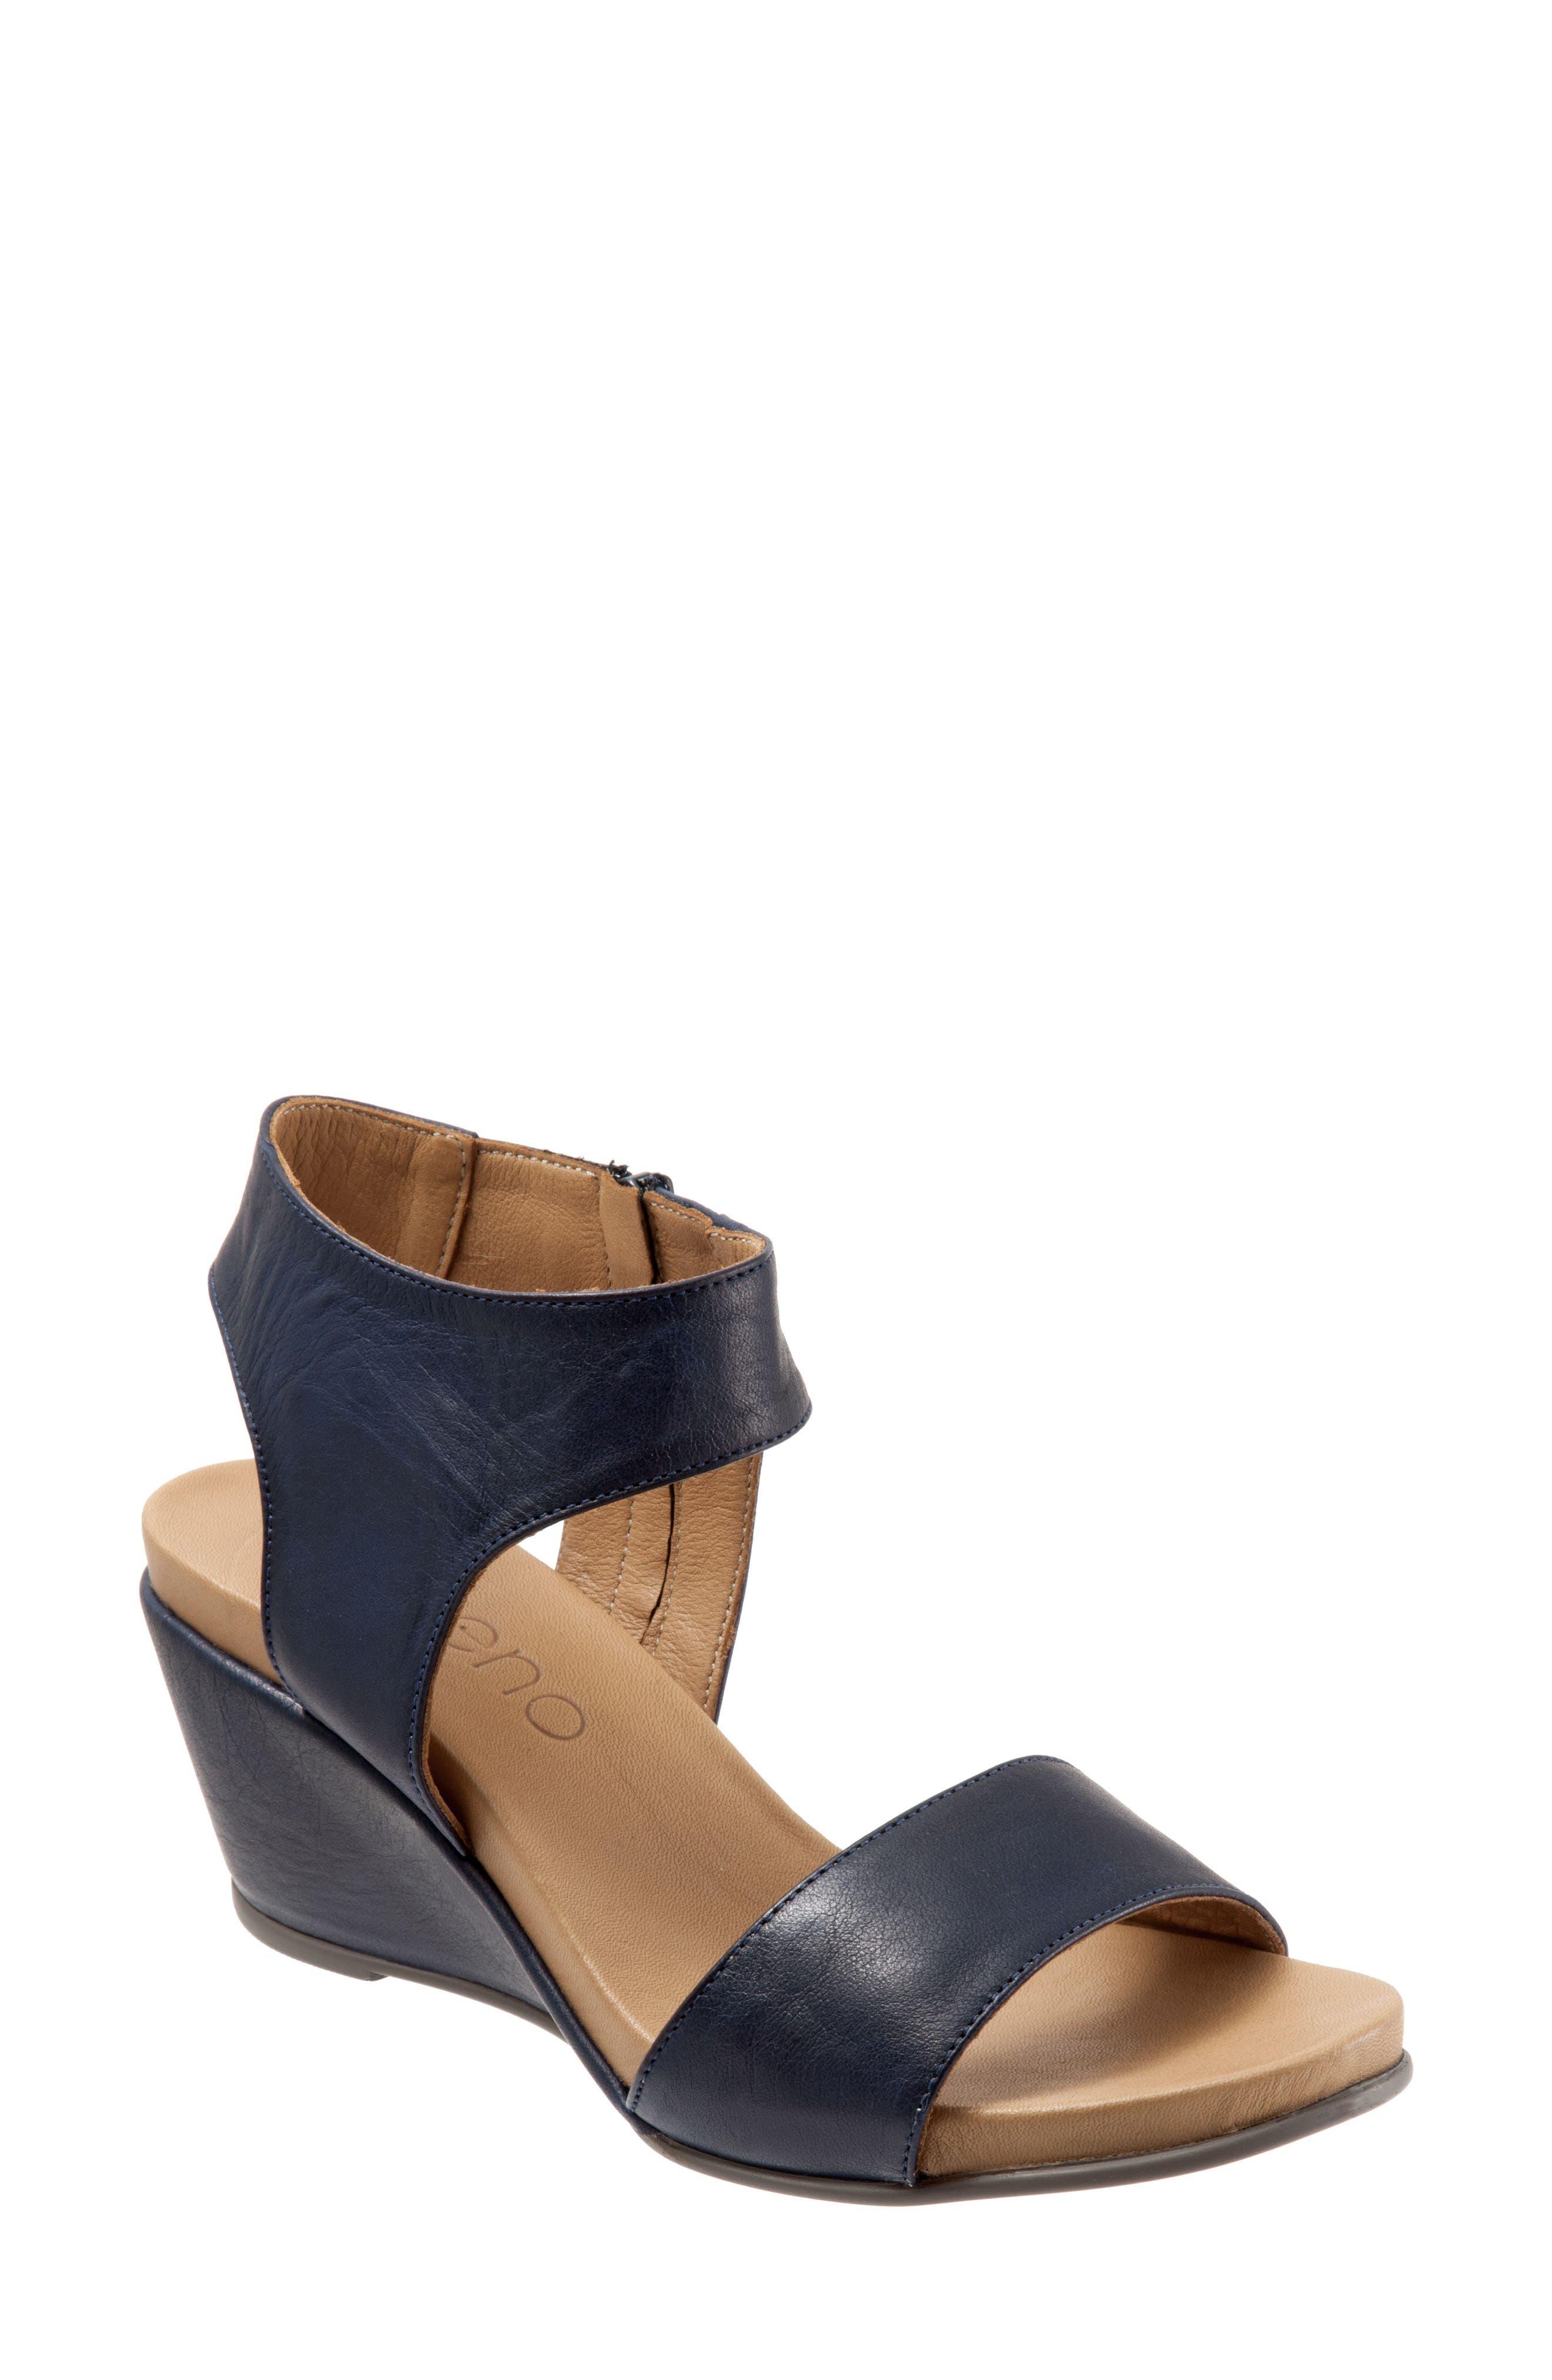 5b69d00ed04 Women s BUENO Shoes